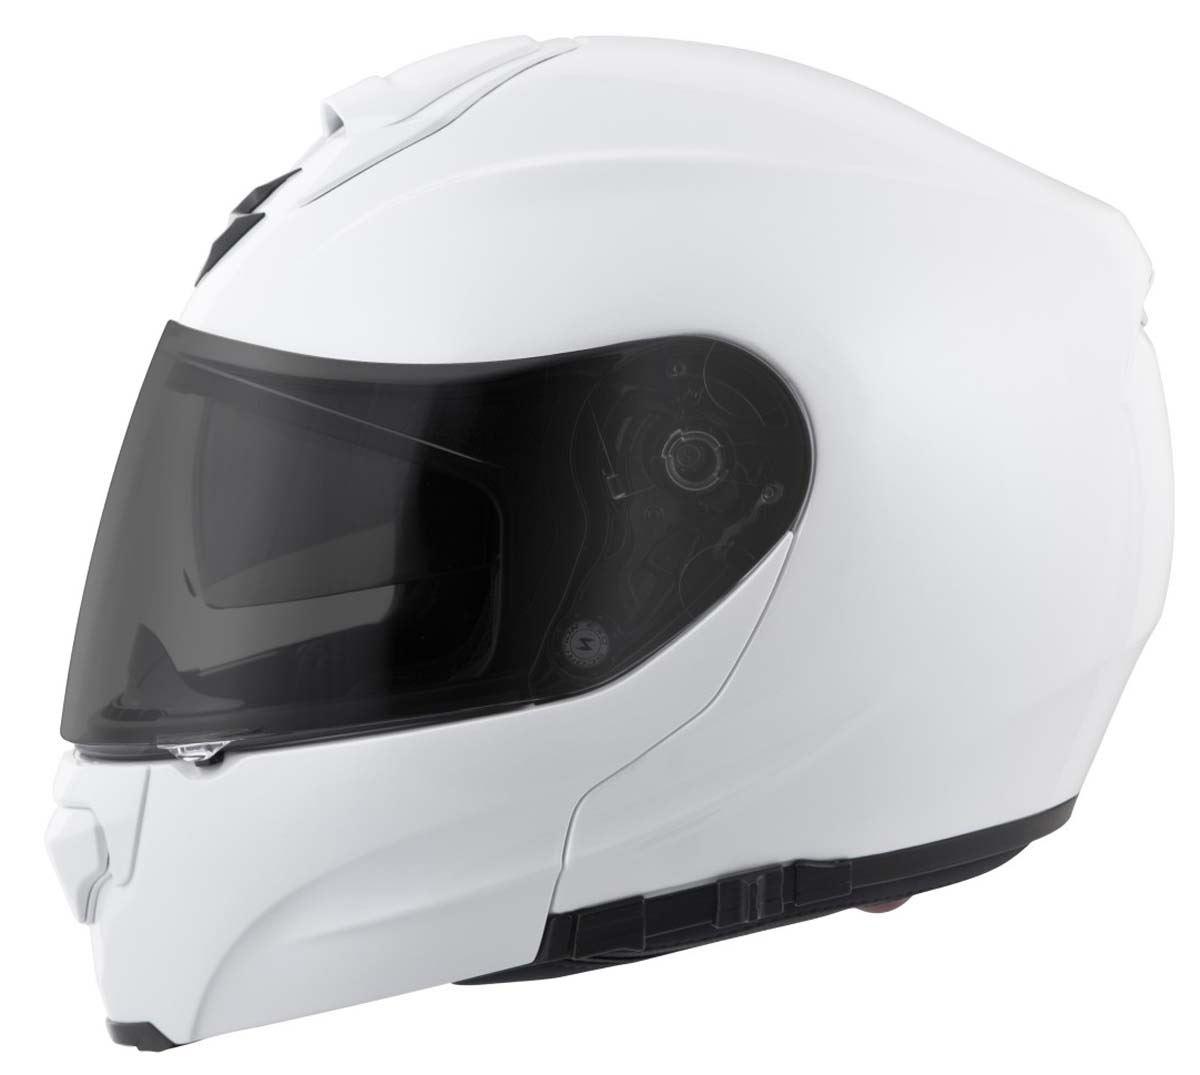 Scorpion-EXO-GT3000-Helmet-Modular-Flip-Up-Premium-DOT-Approved-XS-2XL miniature 19